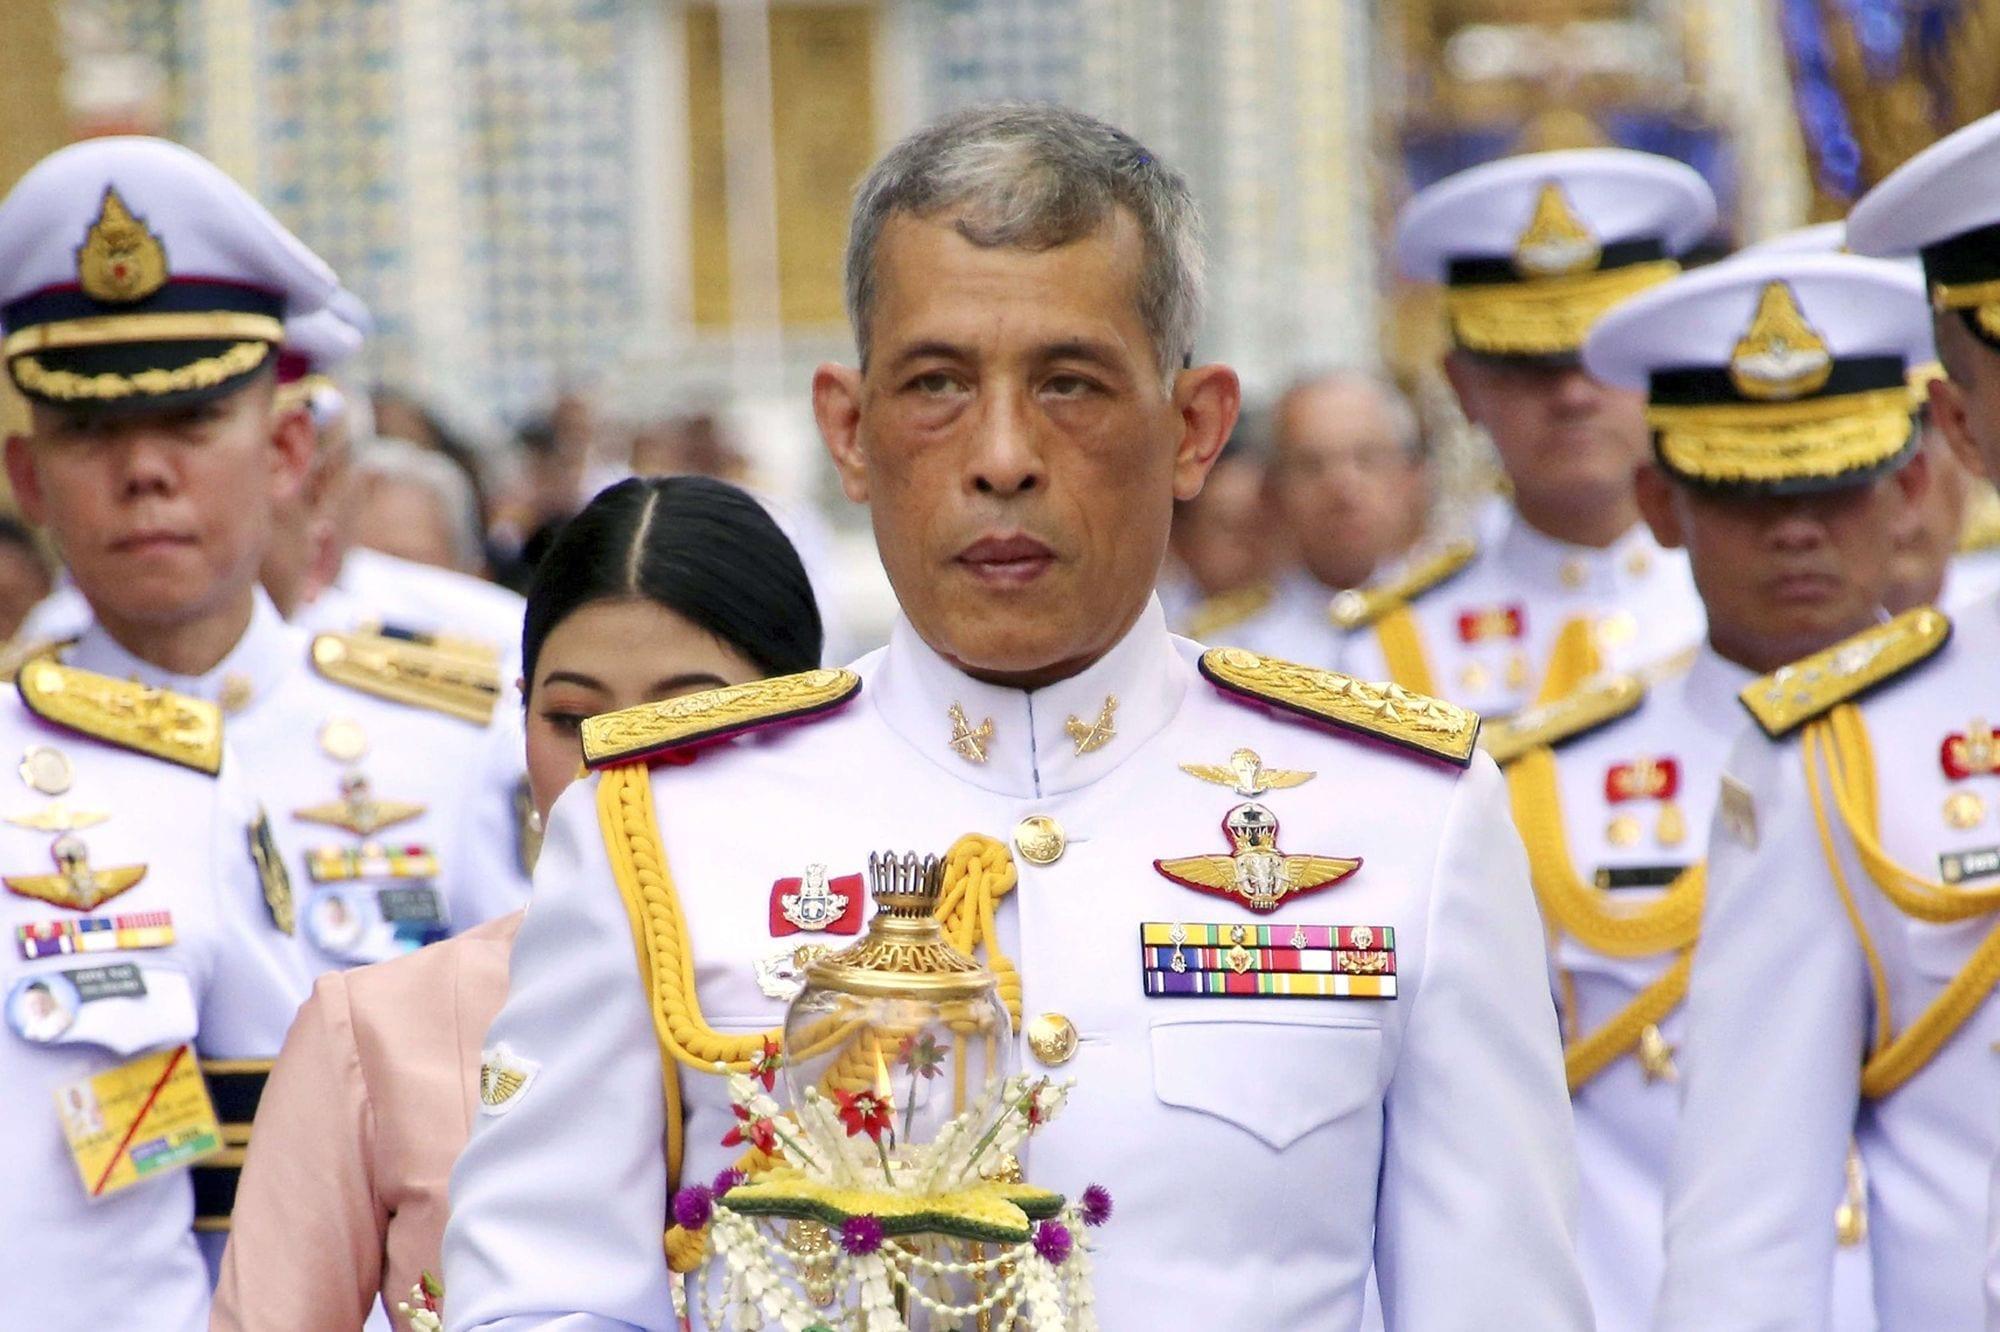 Le roi de la Thaïlande bientôt expulsé d'Allemagne